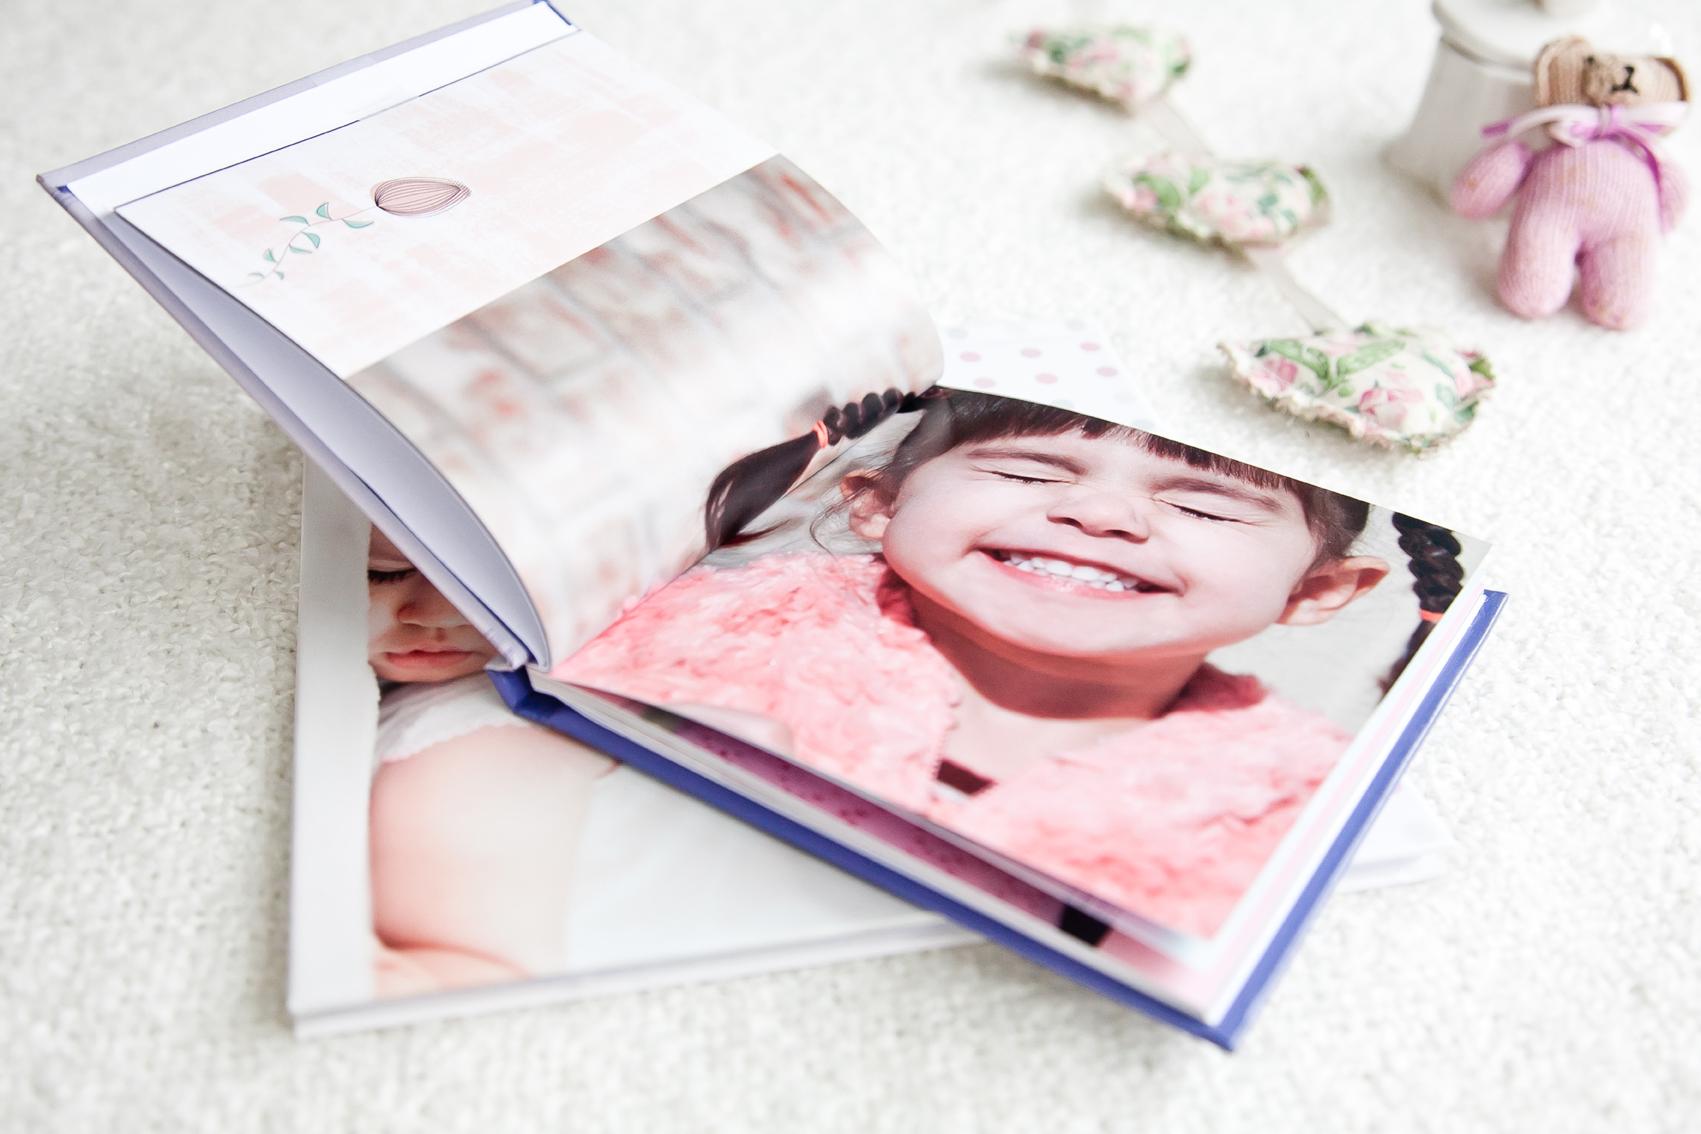 Compre 1 Fotolivro e ganhe uma cópia GRÁTIS para presentear quem você ama!